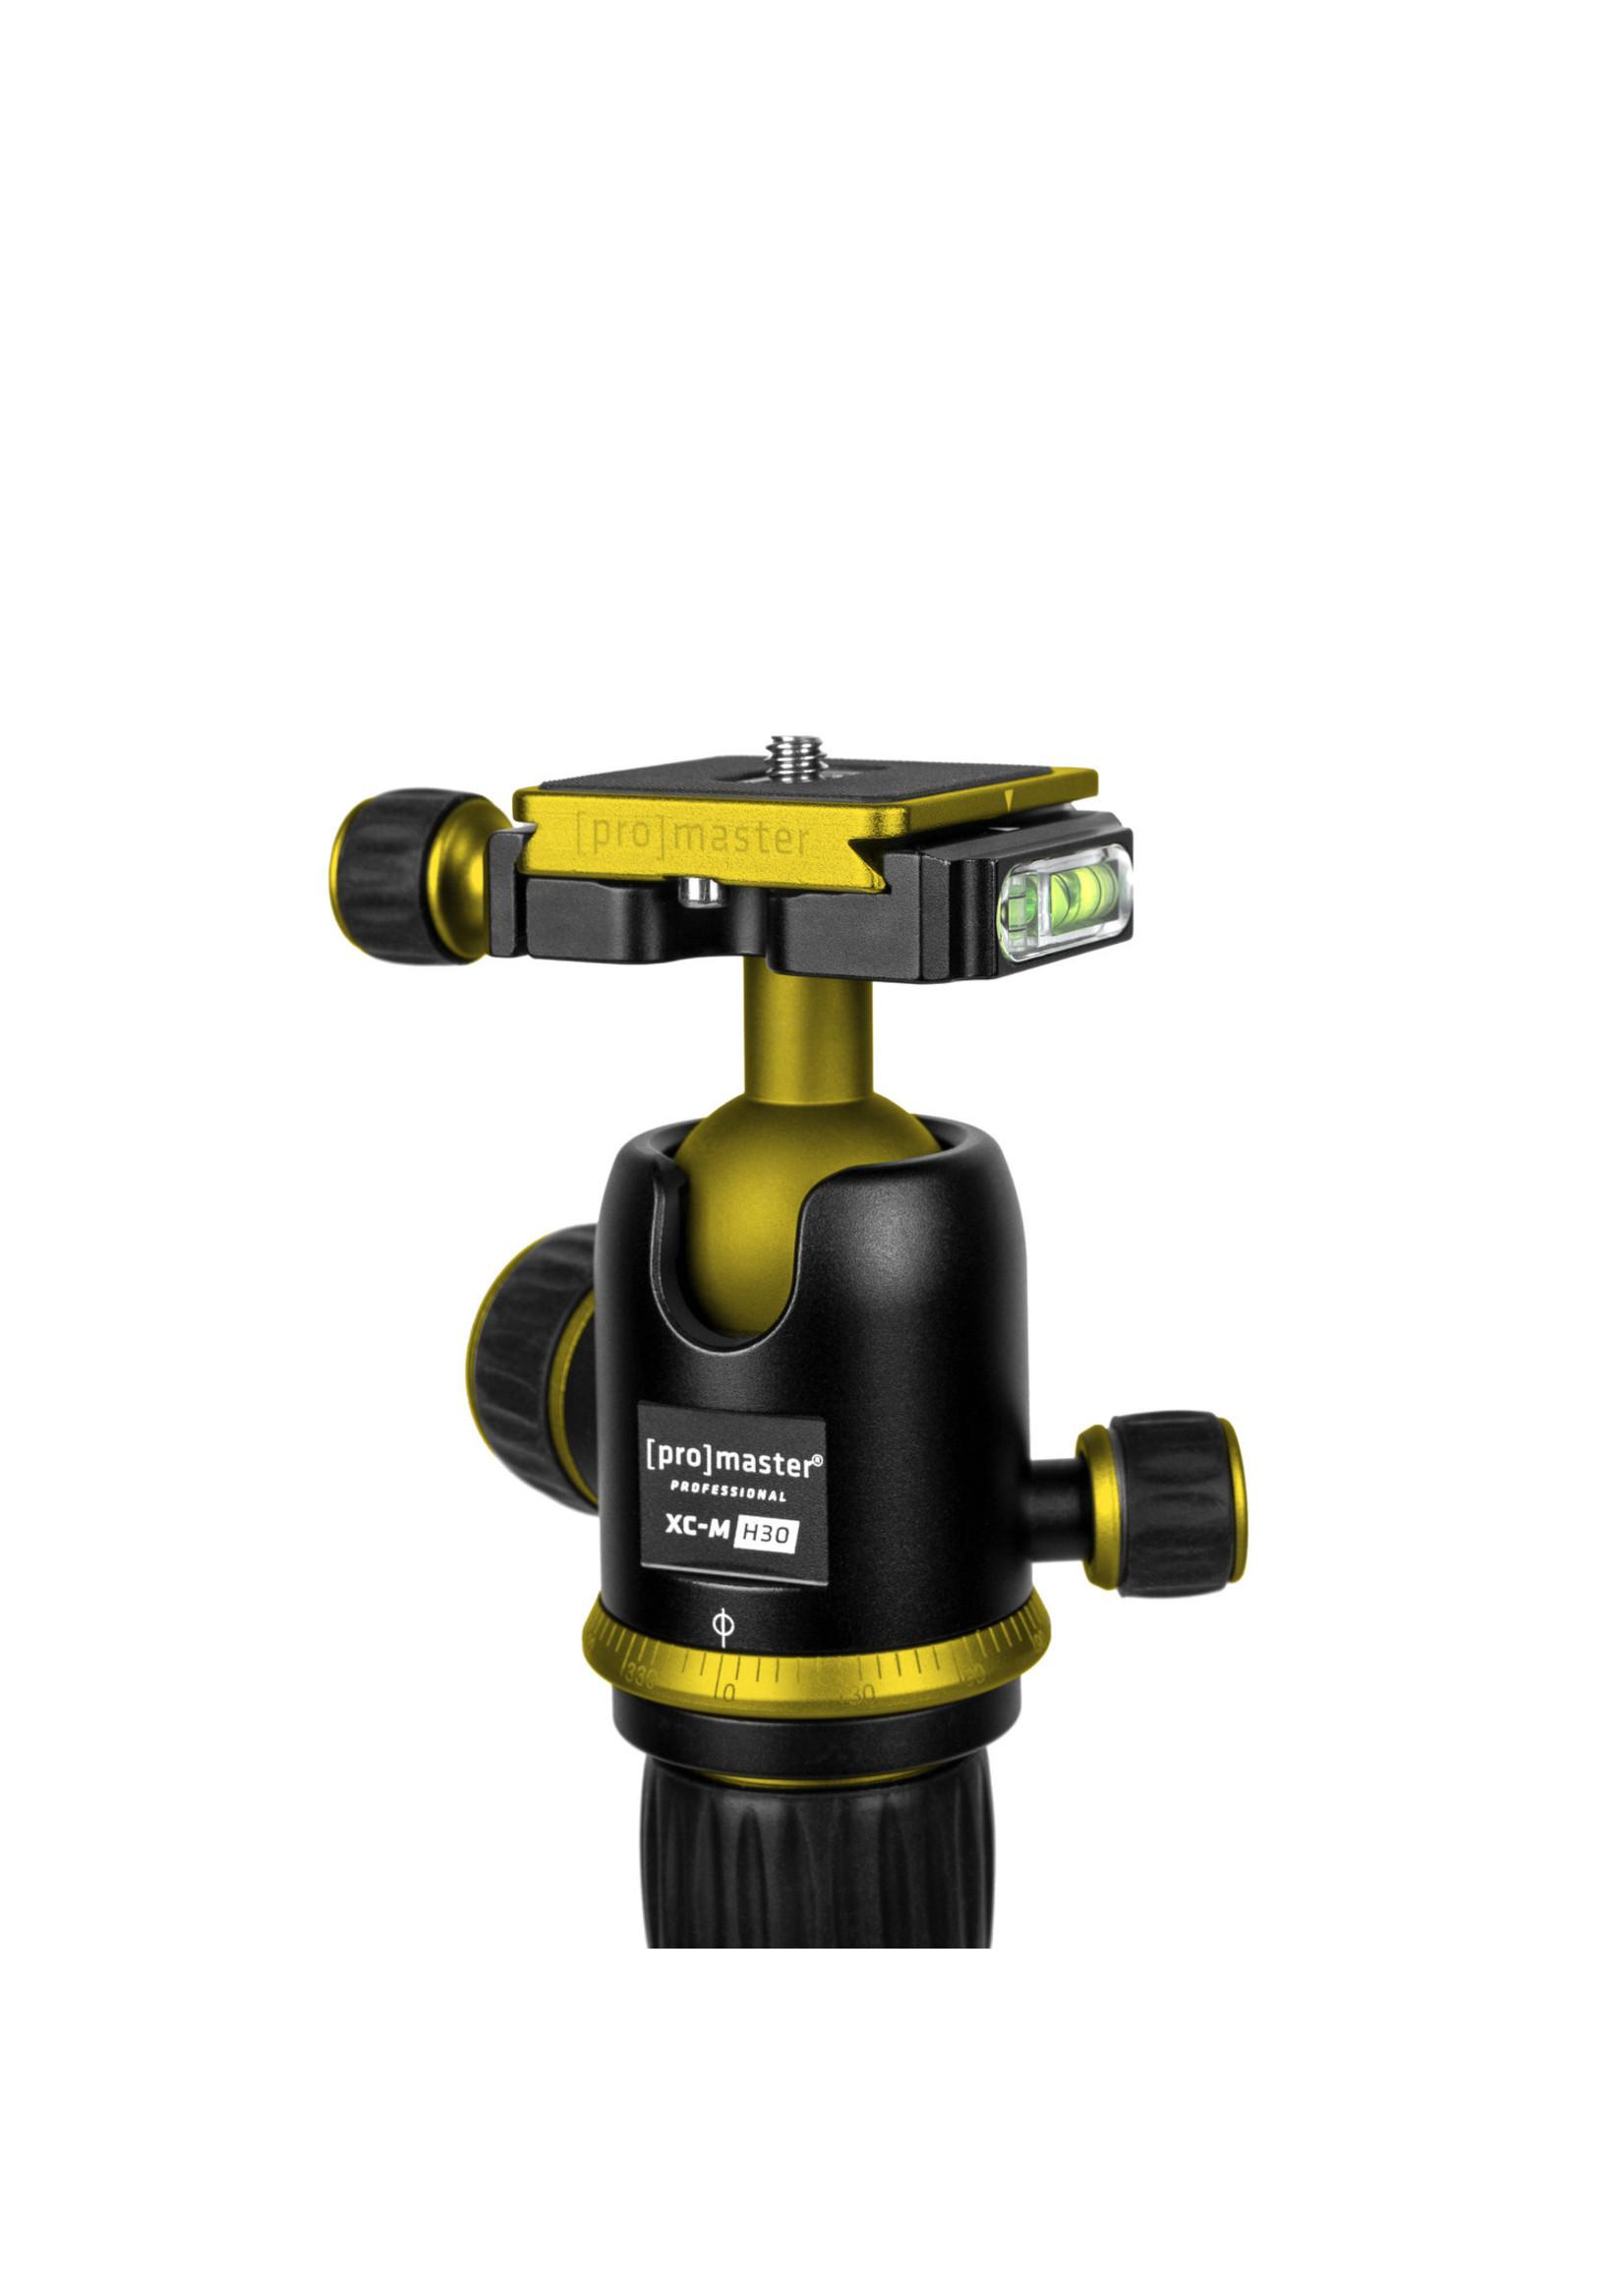 ProMaster ProMaster XC-M 525 ALUMINUM - Yellow